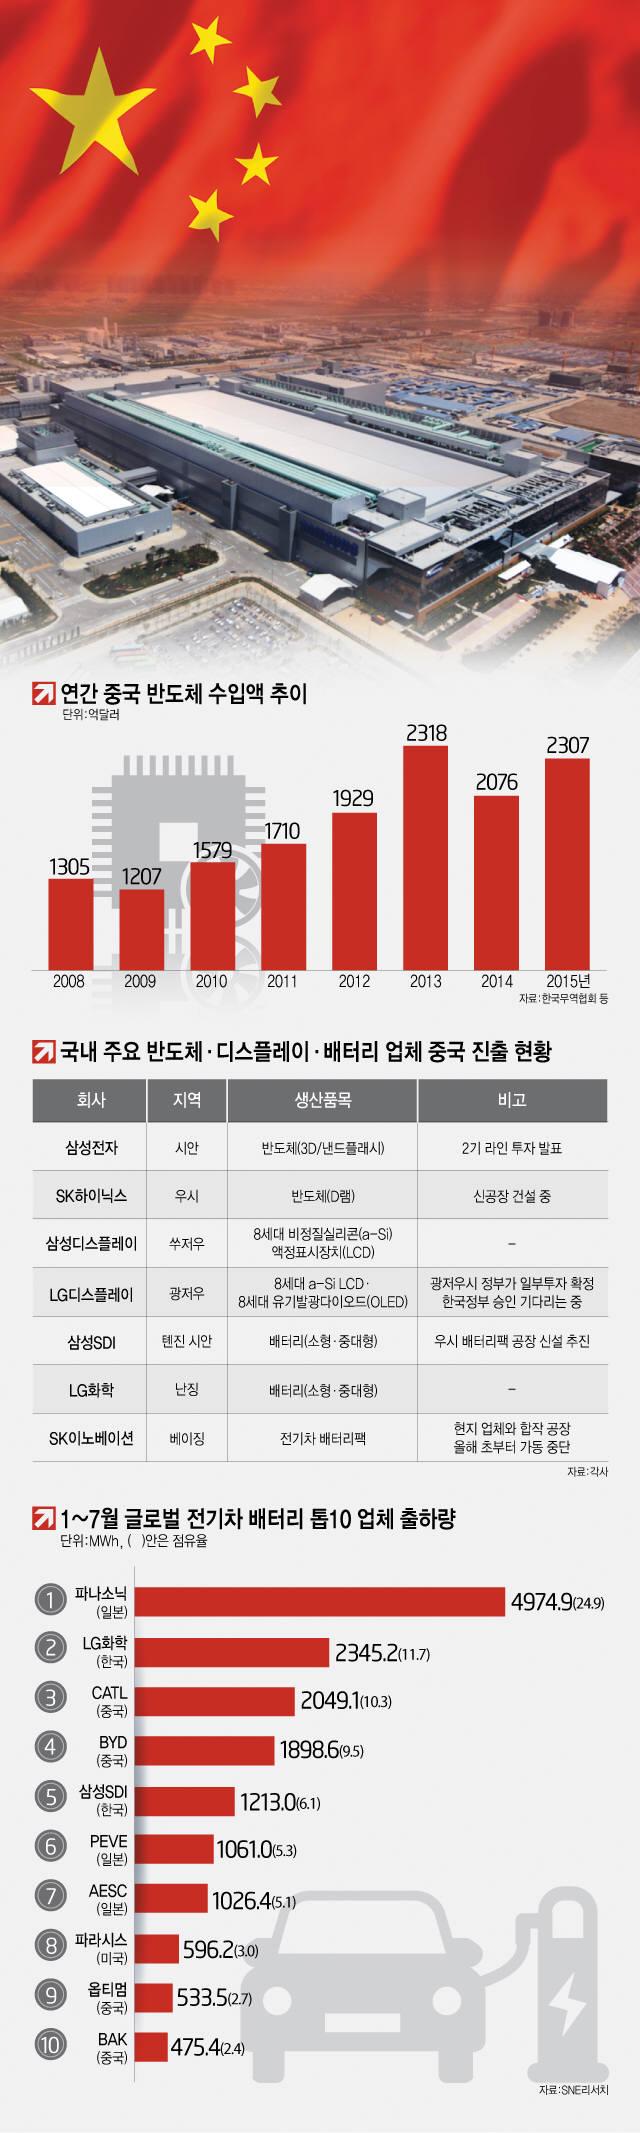 [이슈분석] 중국이 '모셔가는' 한국 반도체… 기술 격차 계속 유지해야